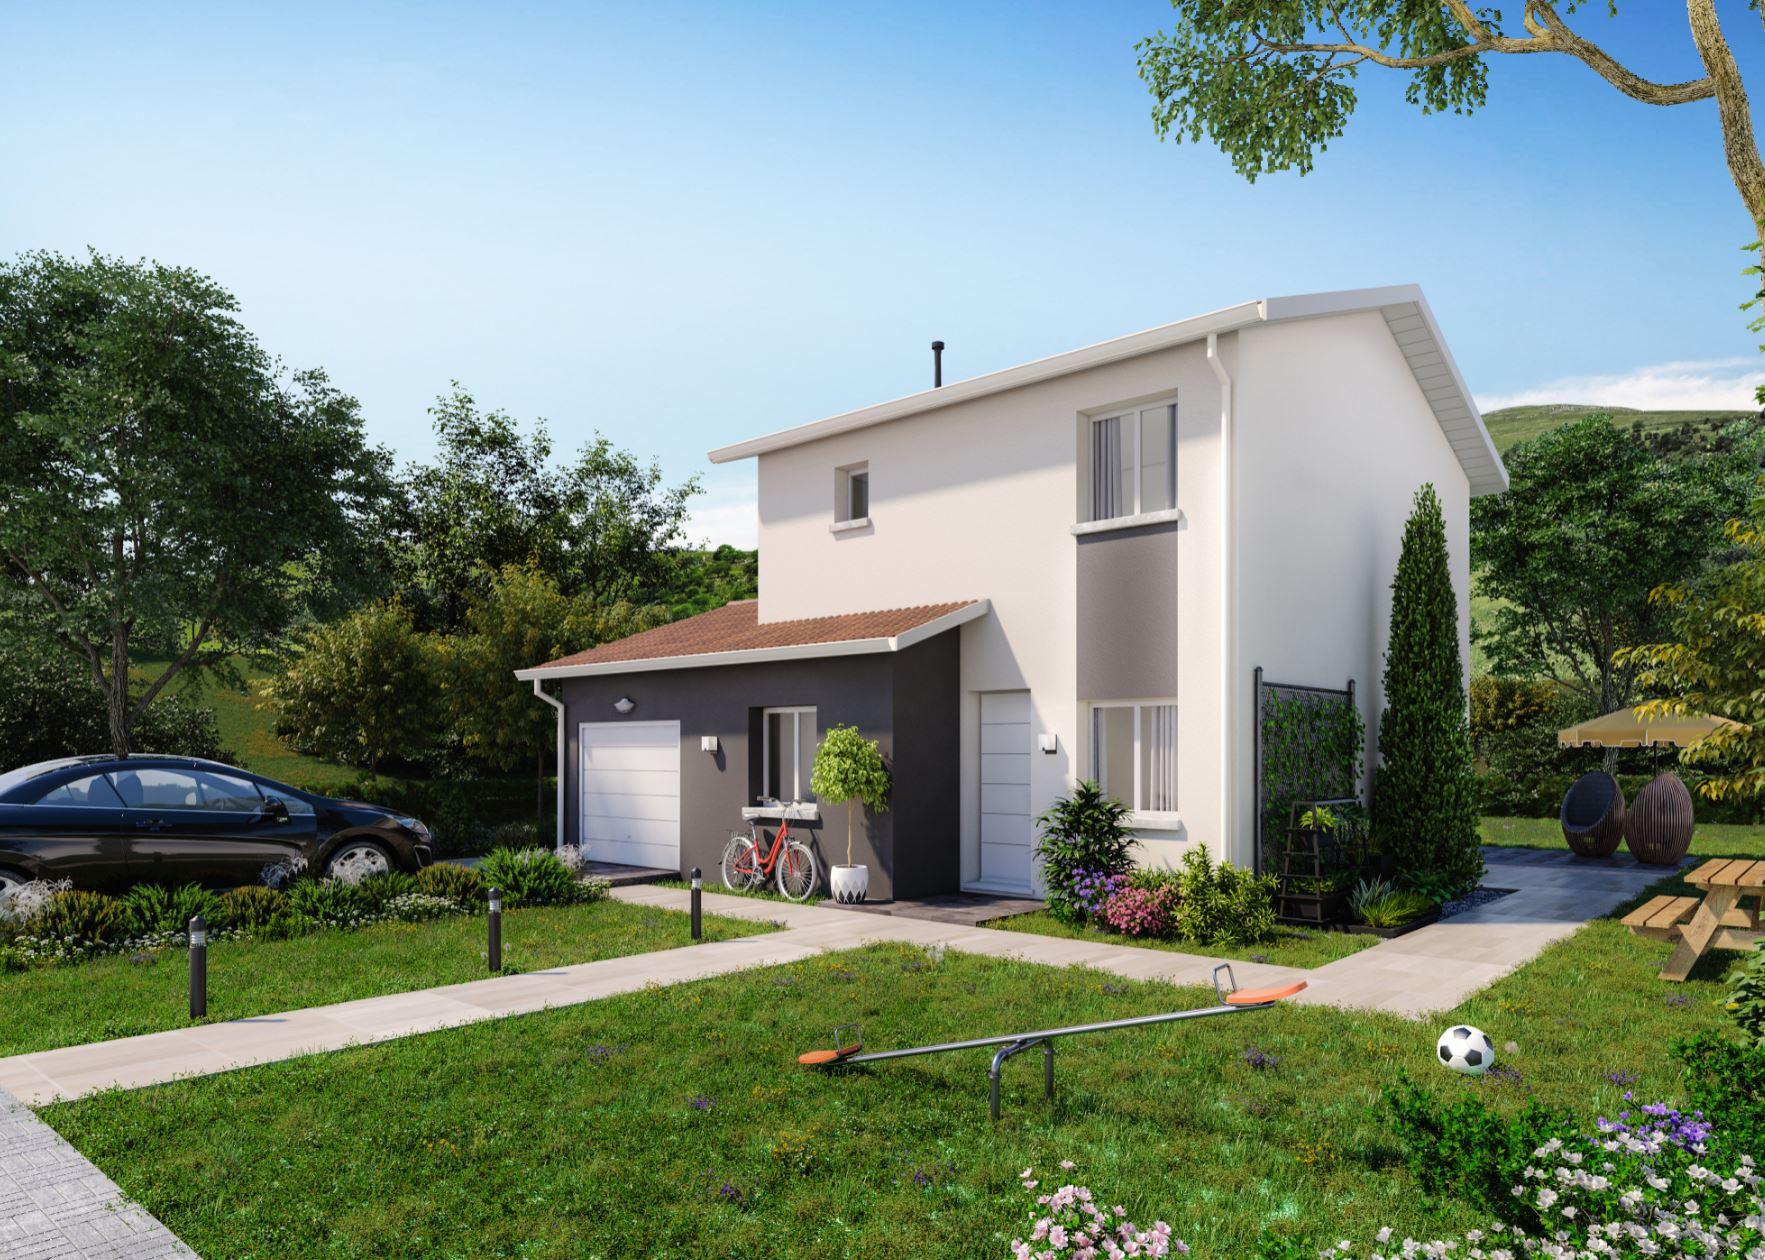 Maisons + Terrains du constructeur MAISONS PUNCH • 91 m² • CUISERY